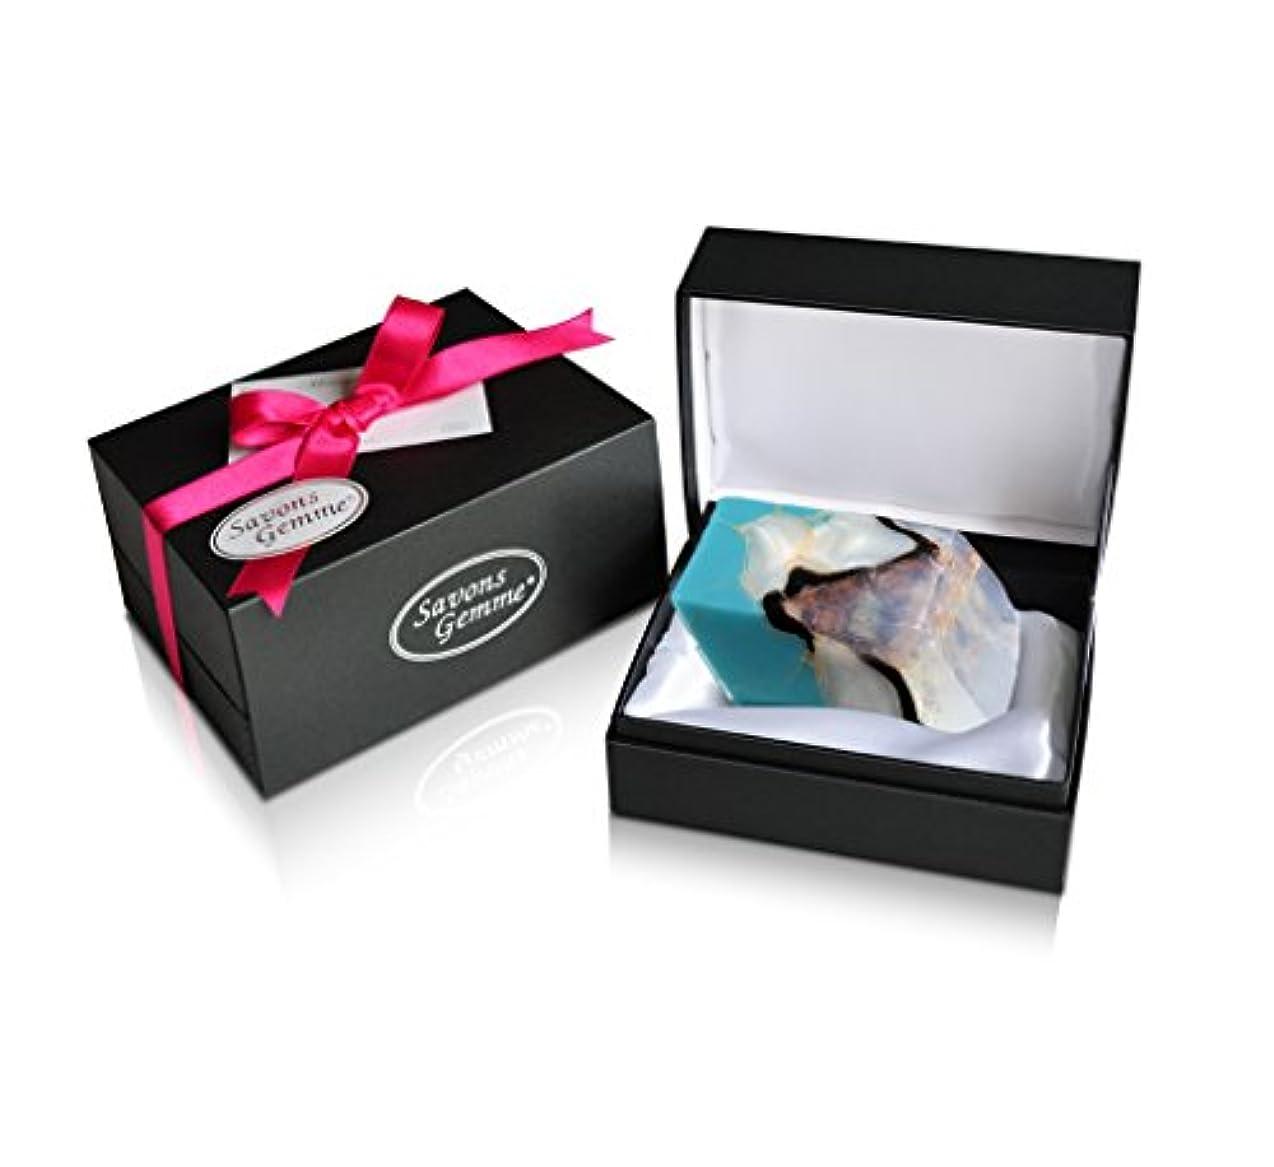 リブ高層ビルコードSavons Gemme サボンジェム ジュエリーギフトボックス 世界で一番美しい宝石石鹸 フレグランス ソープ ターコイズ 170g